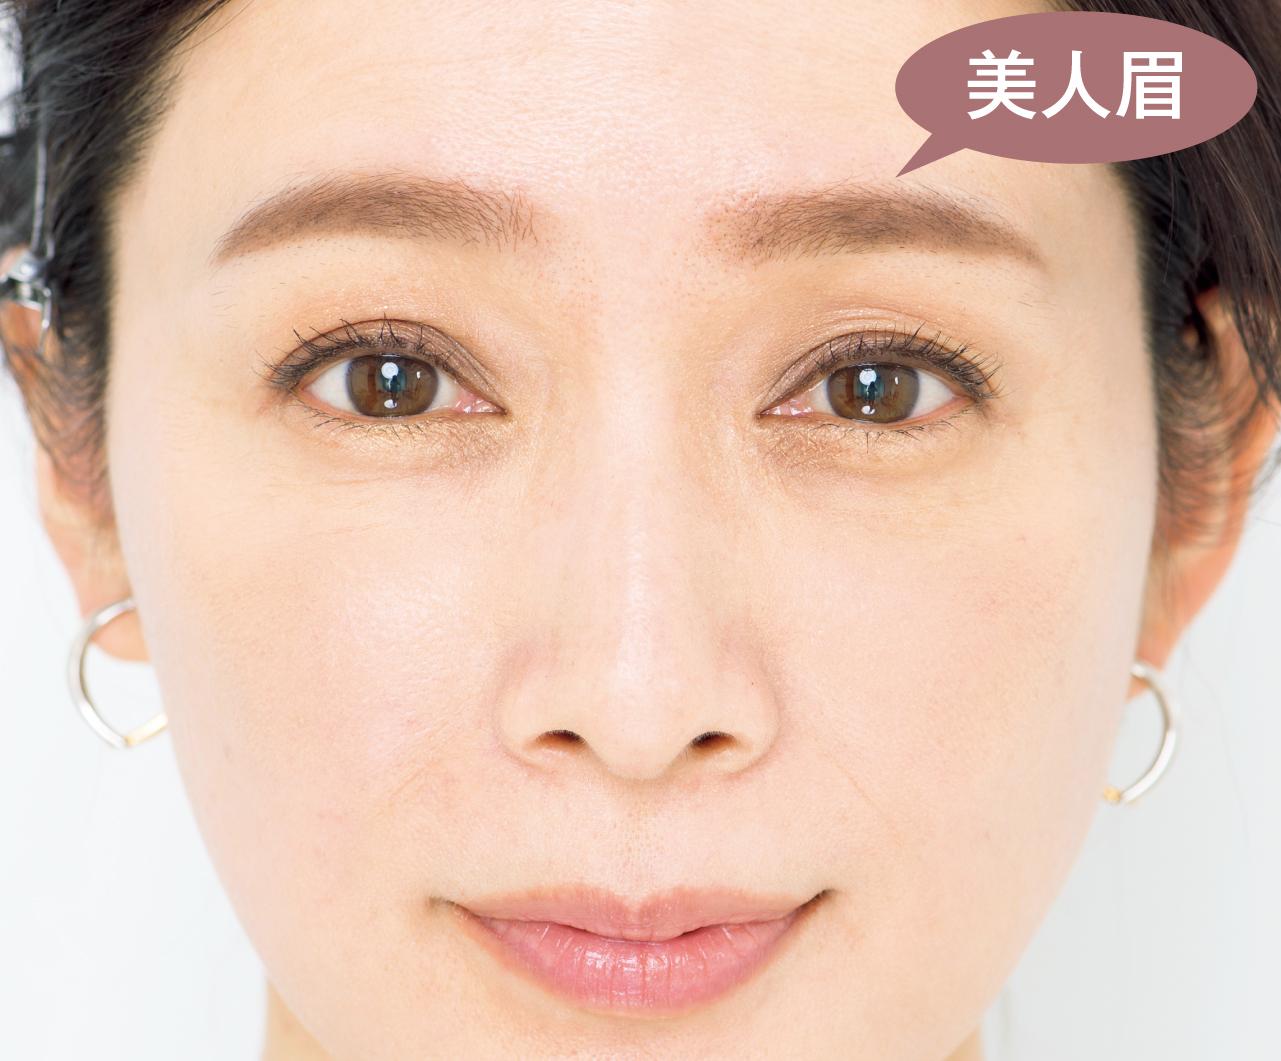 モデル/竹中友紀子さん 美人眉